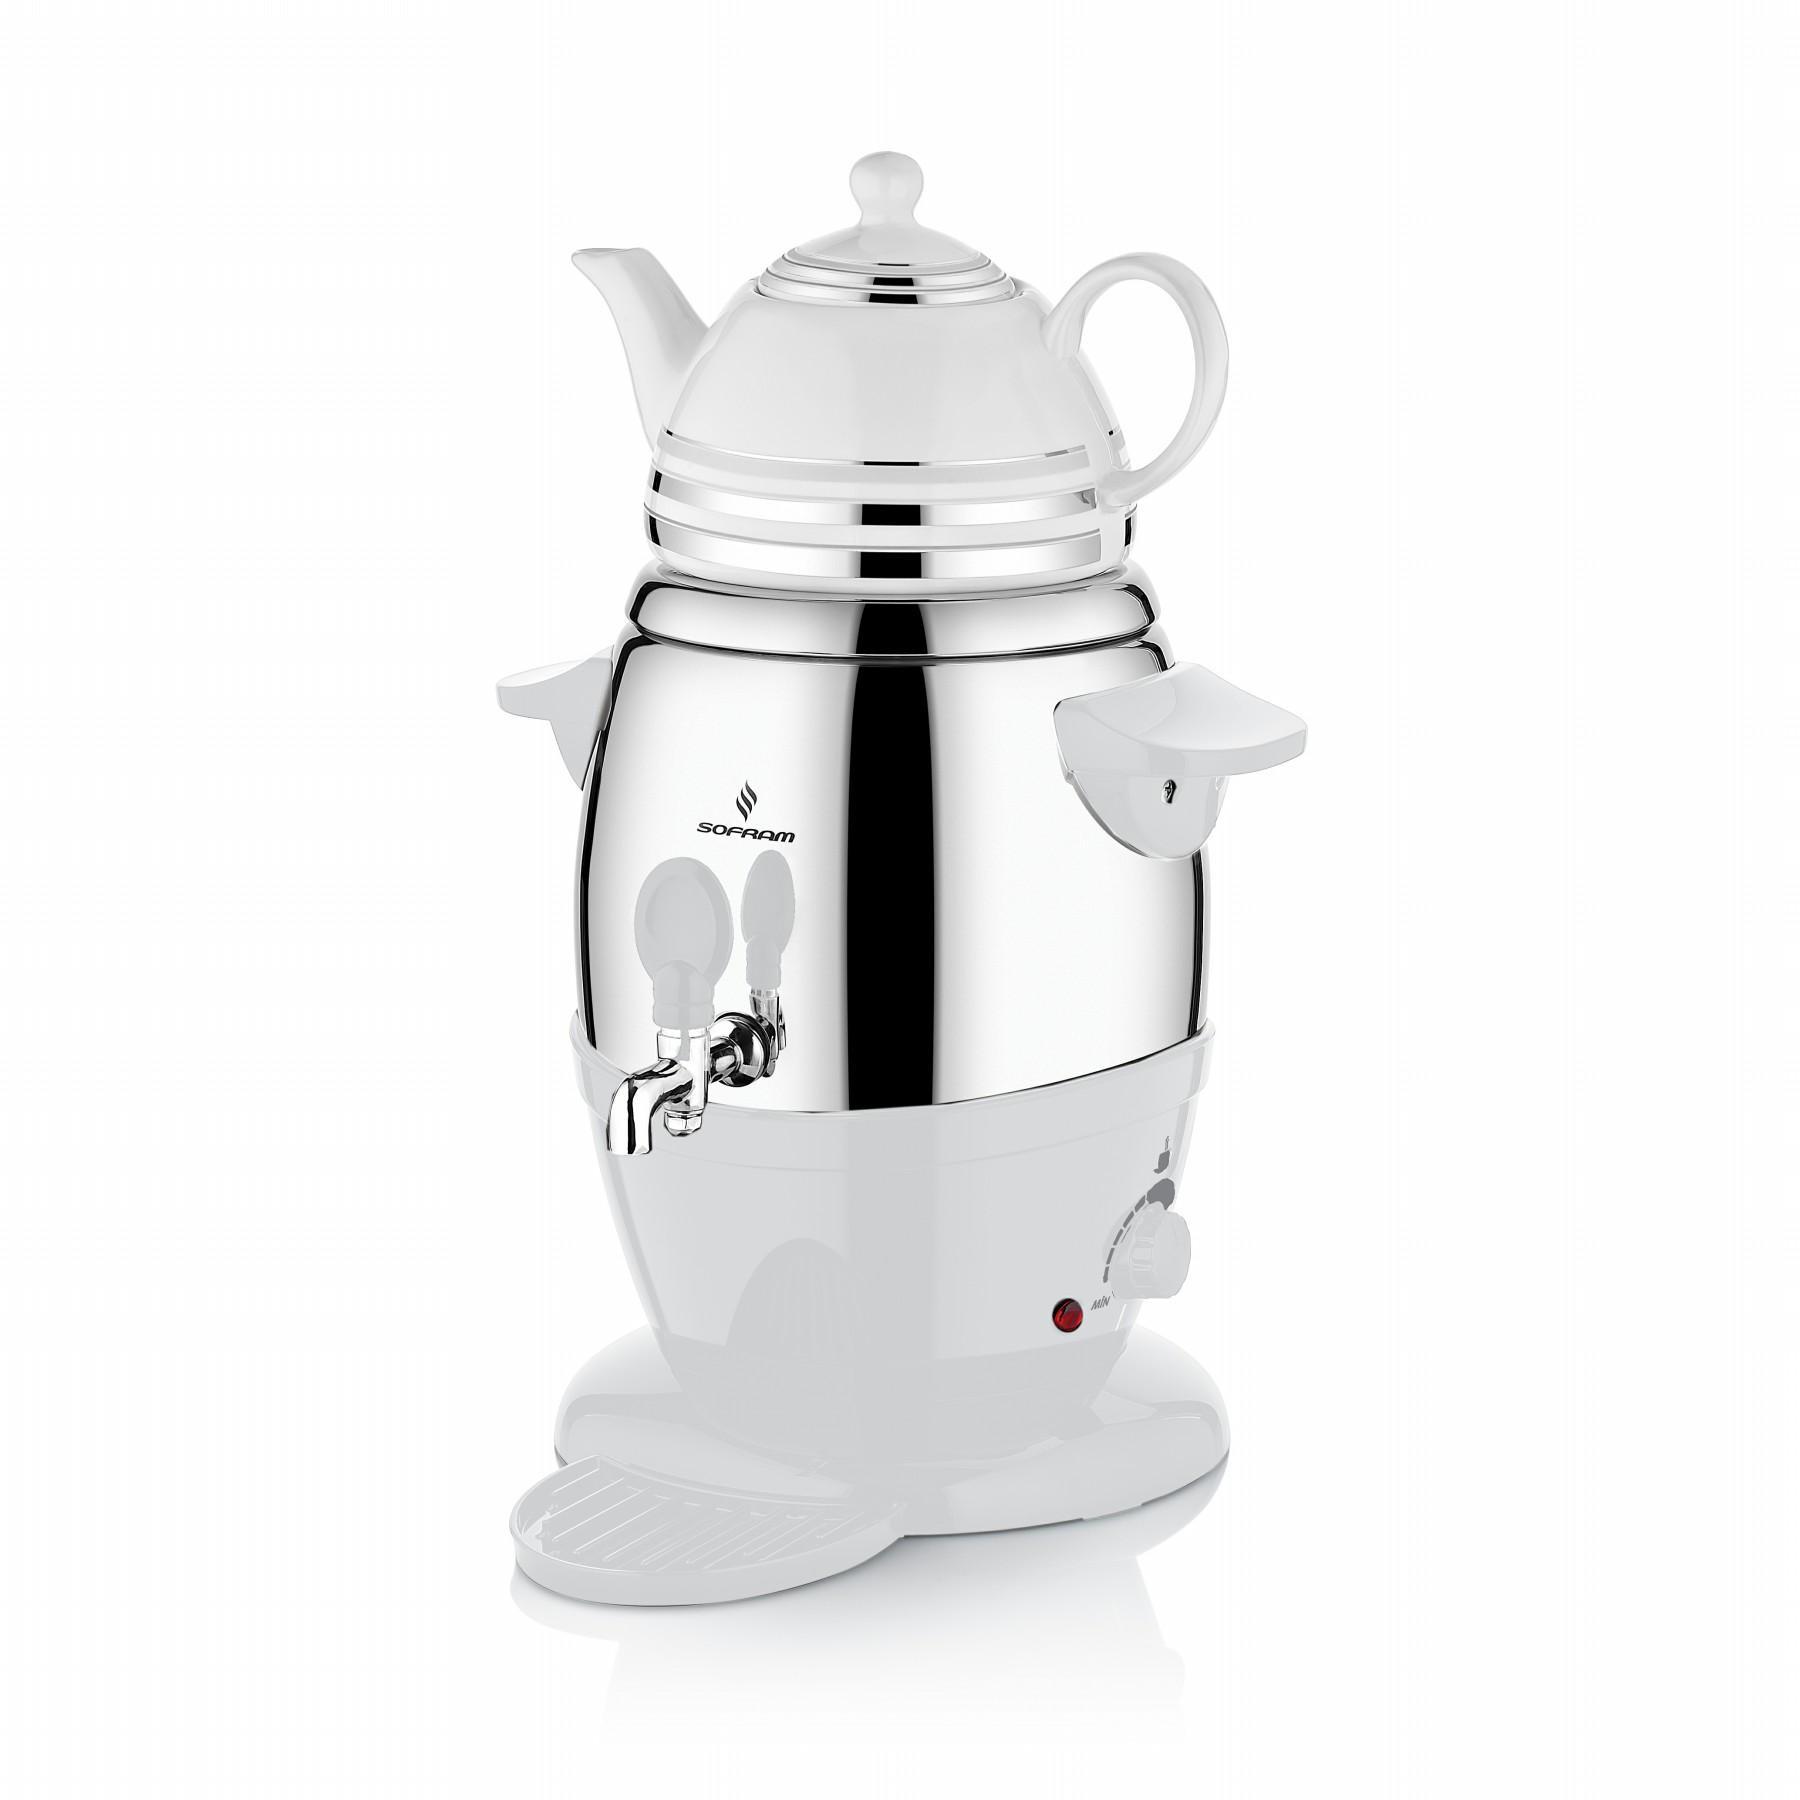 Sofram Electric Turkish Tea Porcelain White Semavor